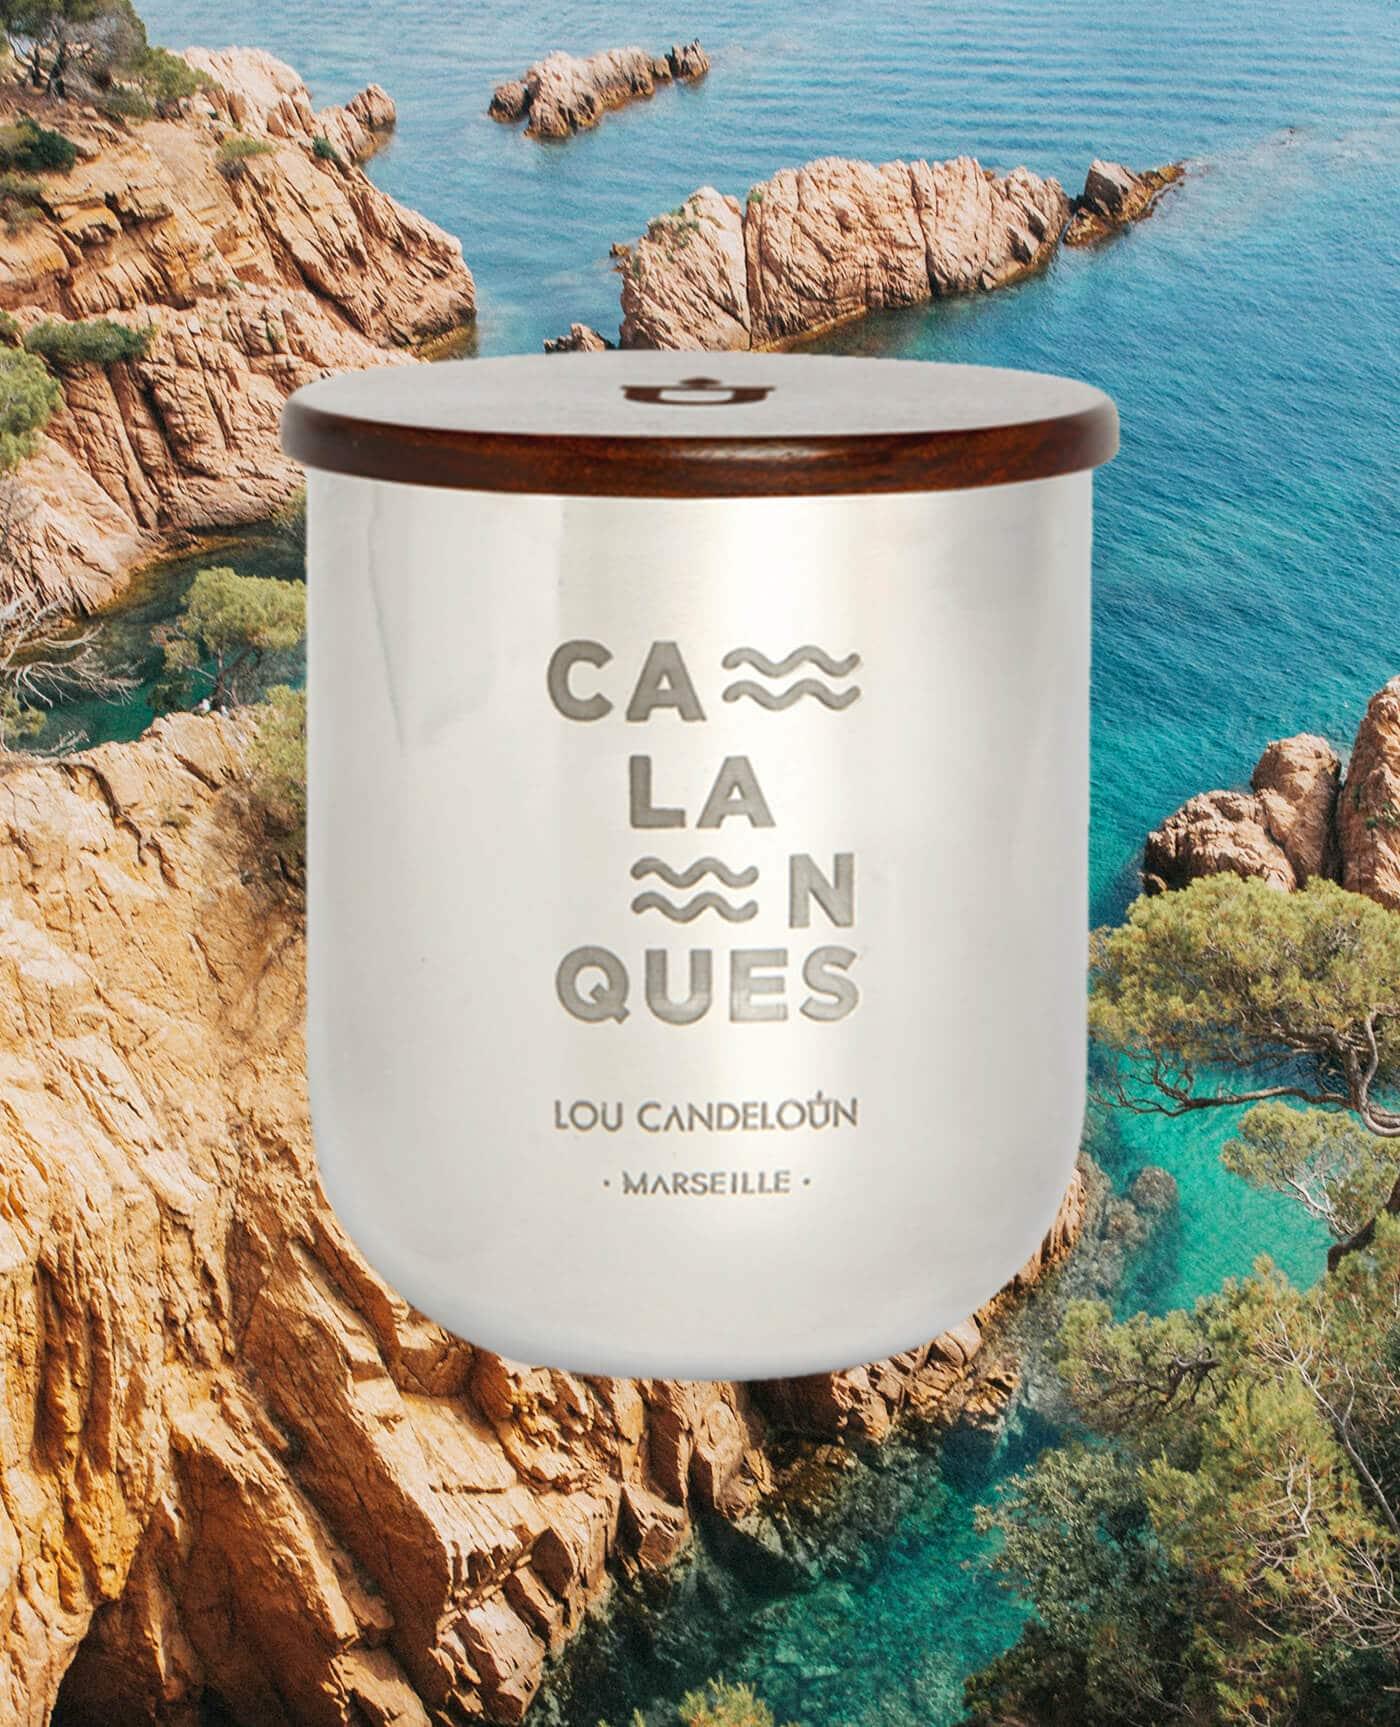 Bougie naturelle parfumée Calanques senteur sève de pin et iode de la marque Made in France Lou Candeloun